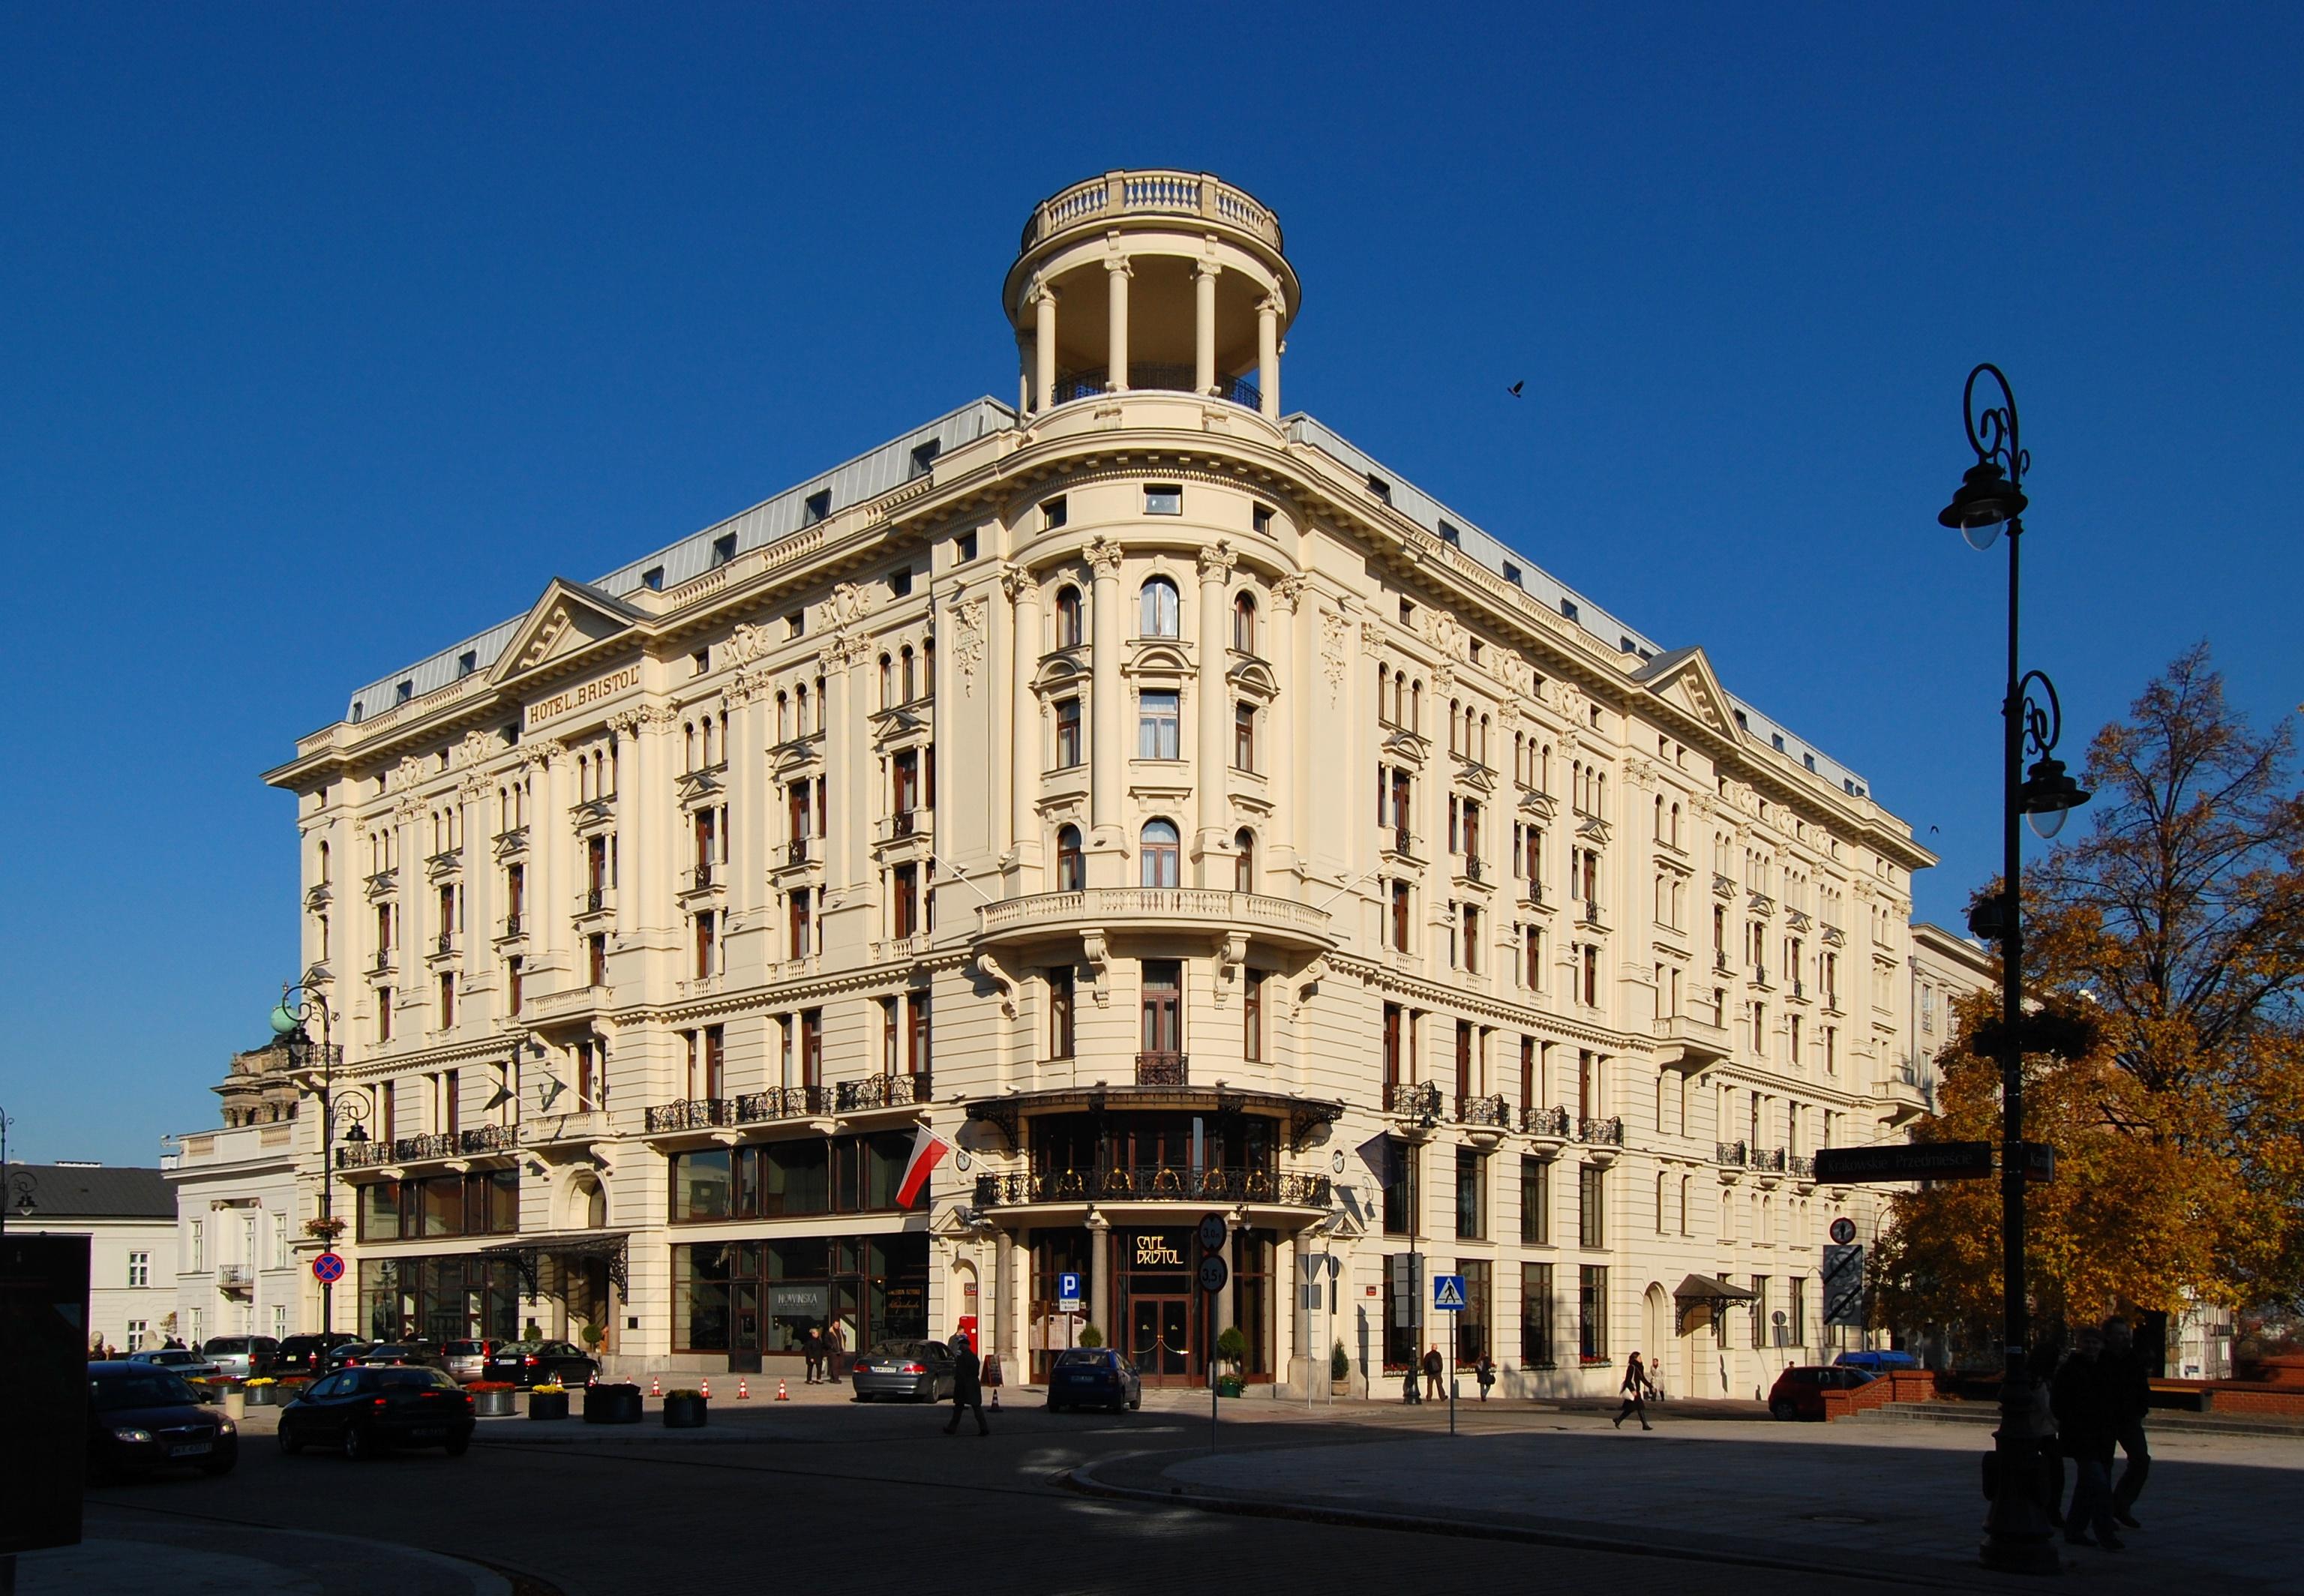 The Bristol Hotel Bristol Parking